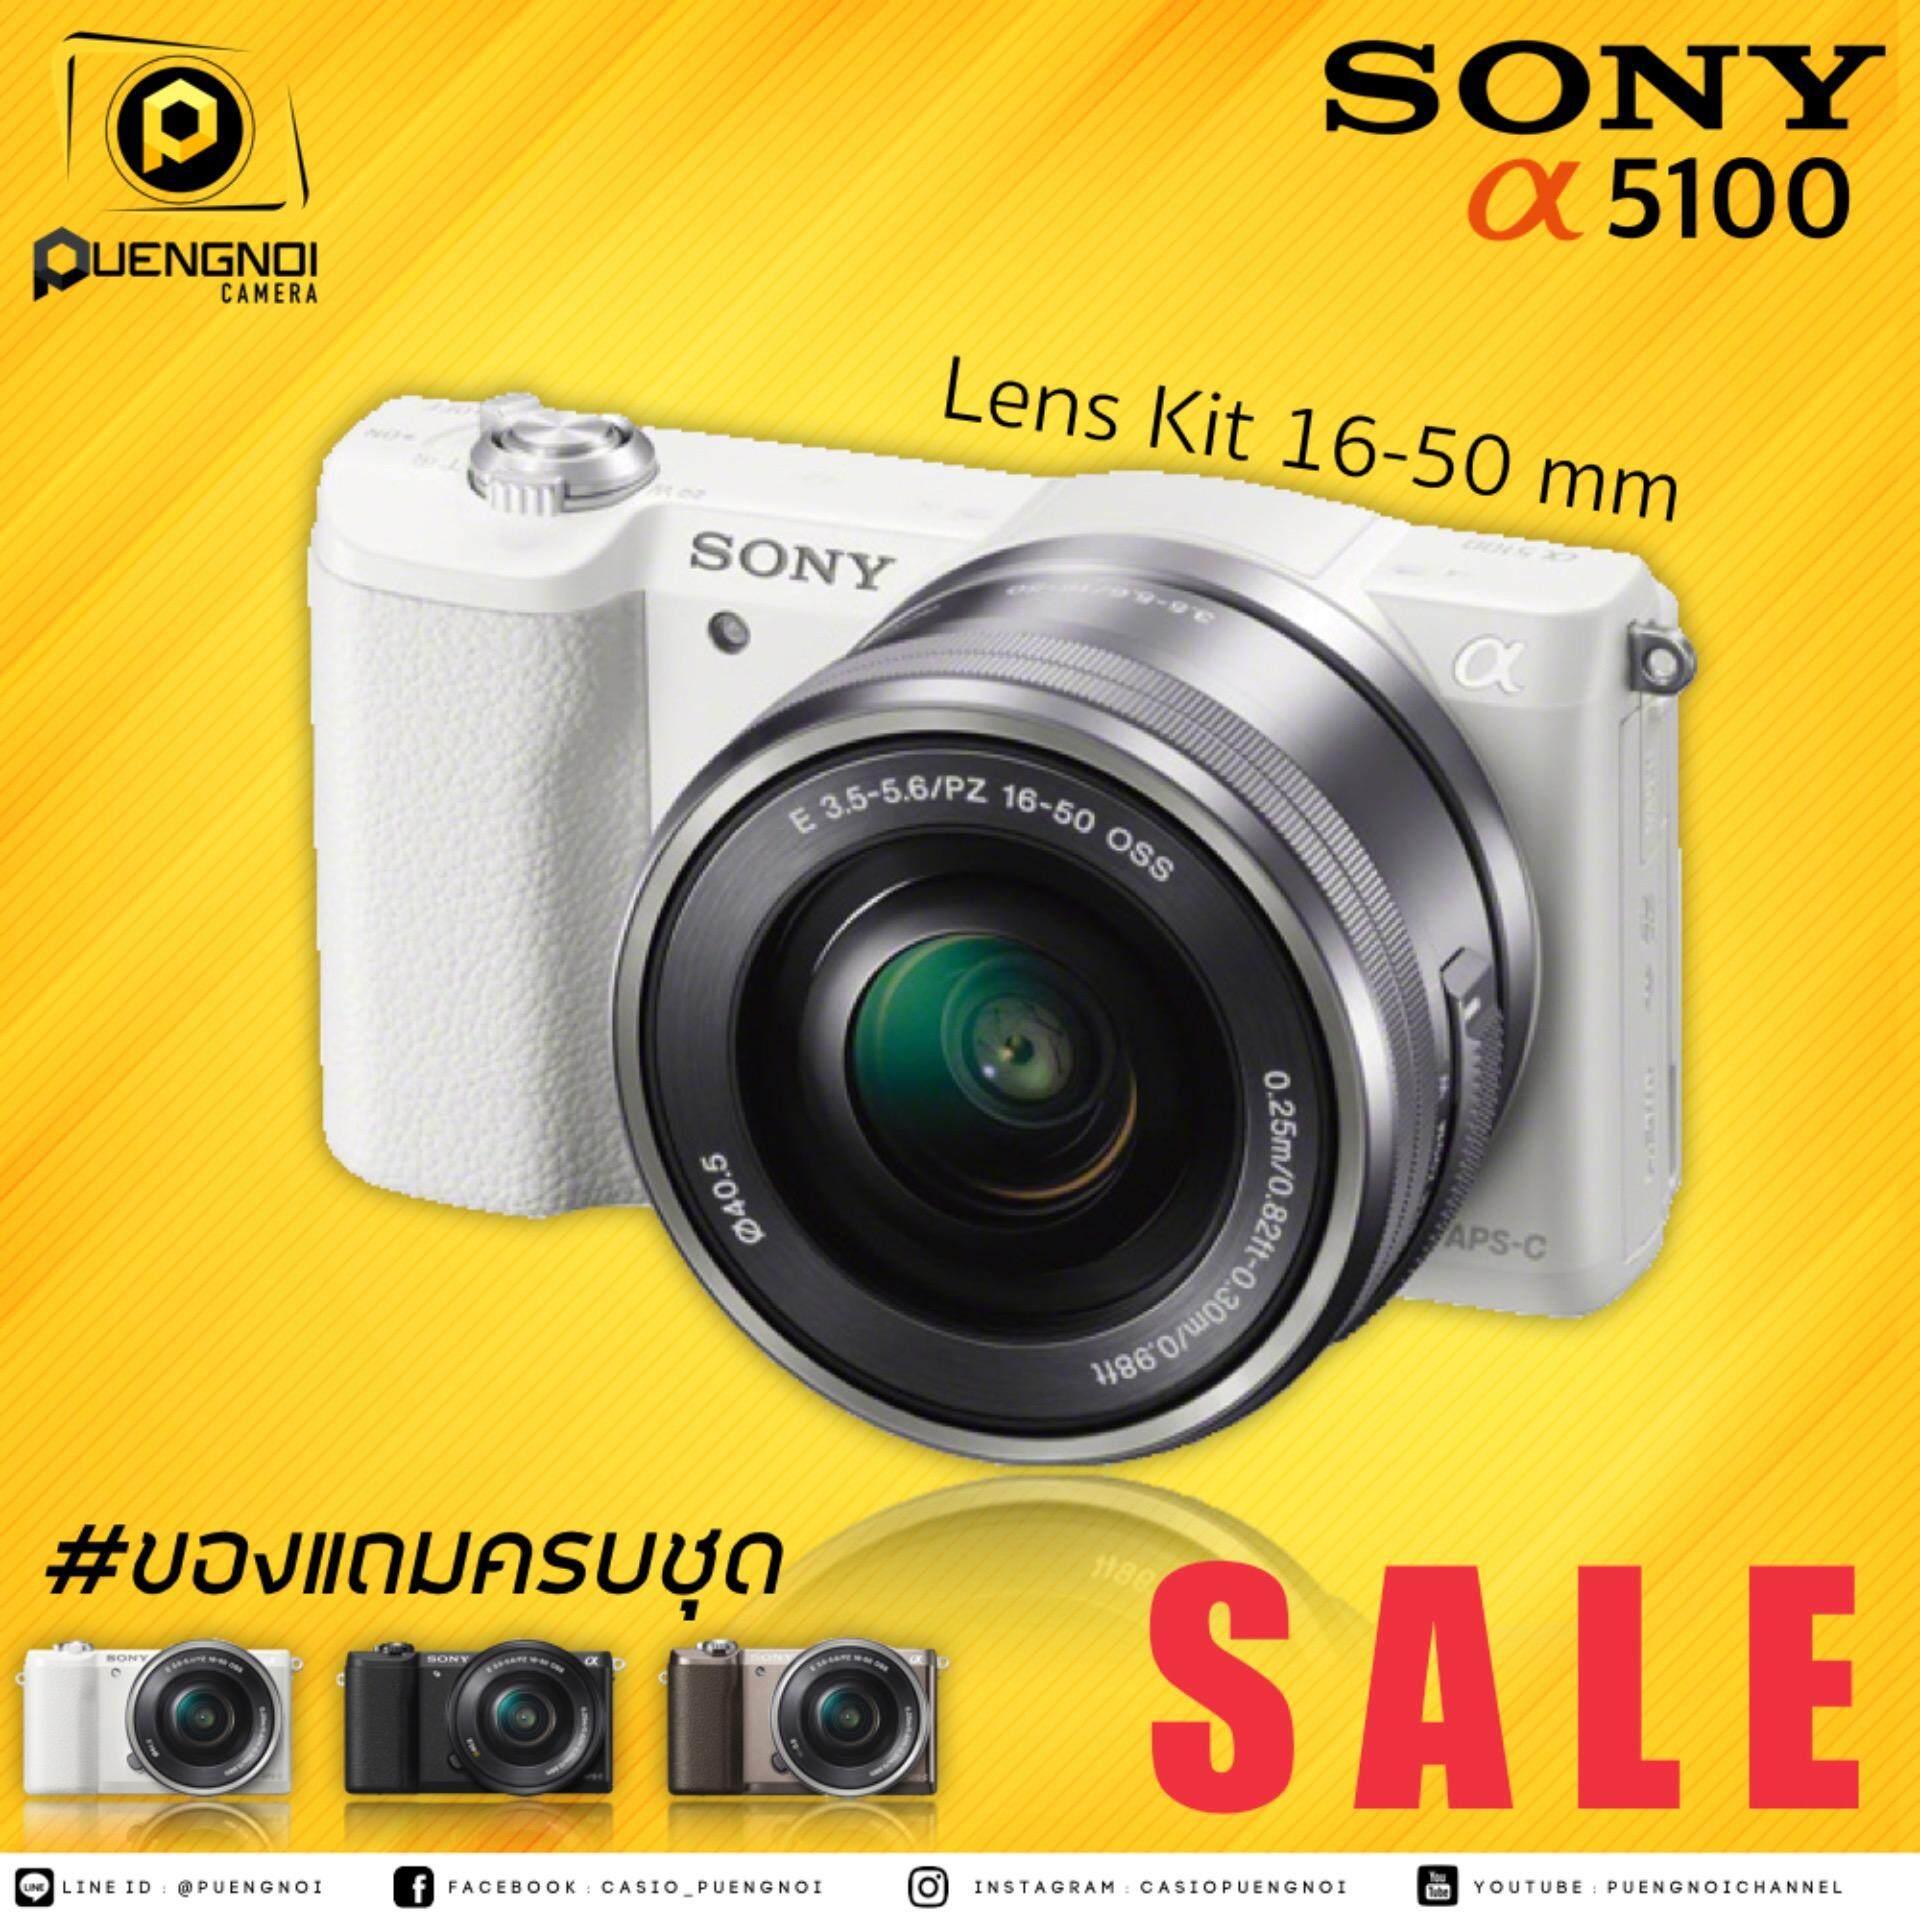 ขาย Sony A5100 Lens Kit 16 50Mm ประกัน 1 ปี ถูก ใน Thailand